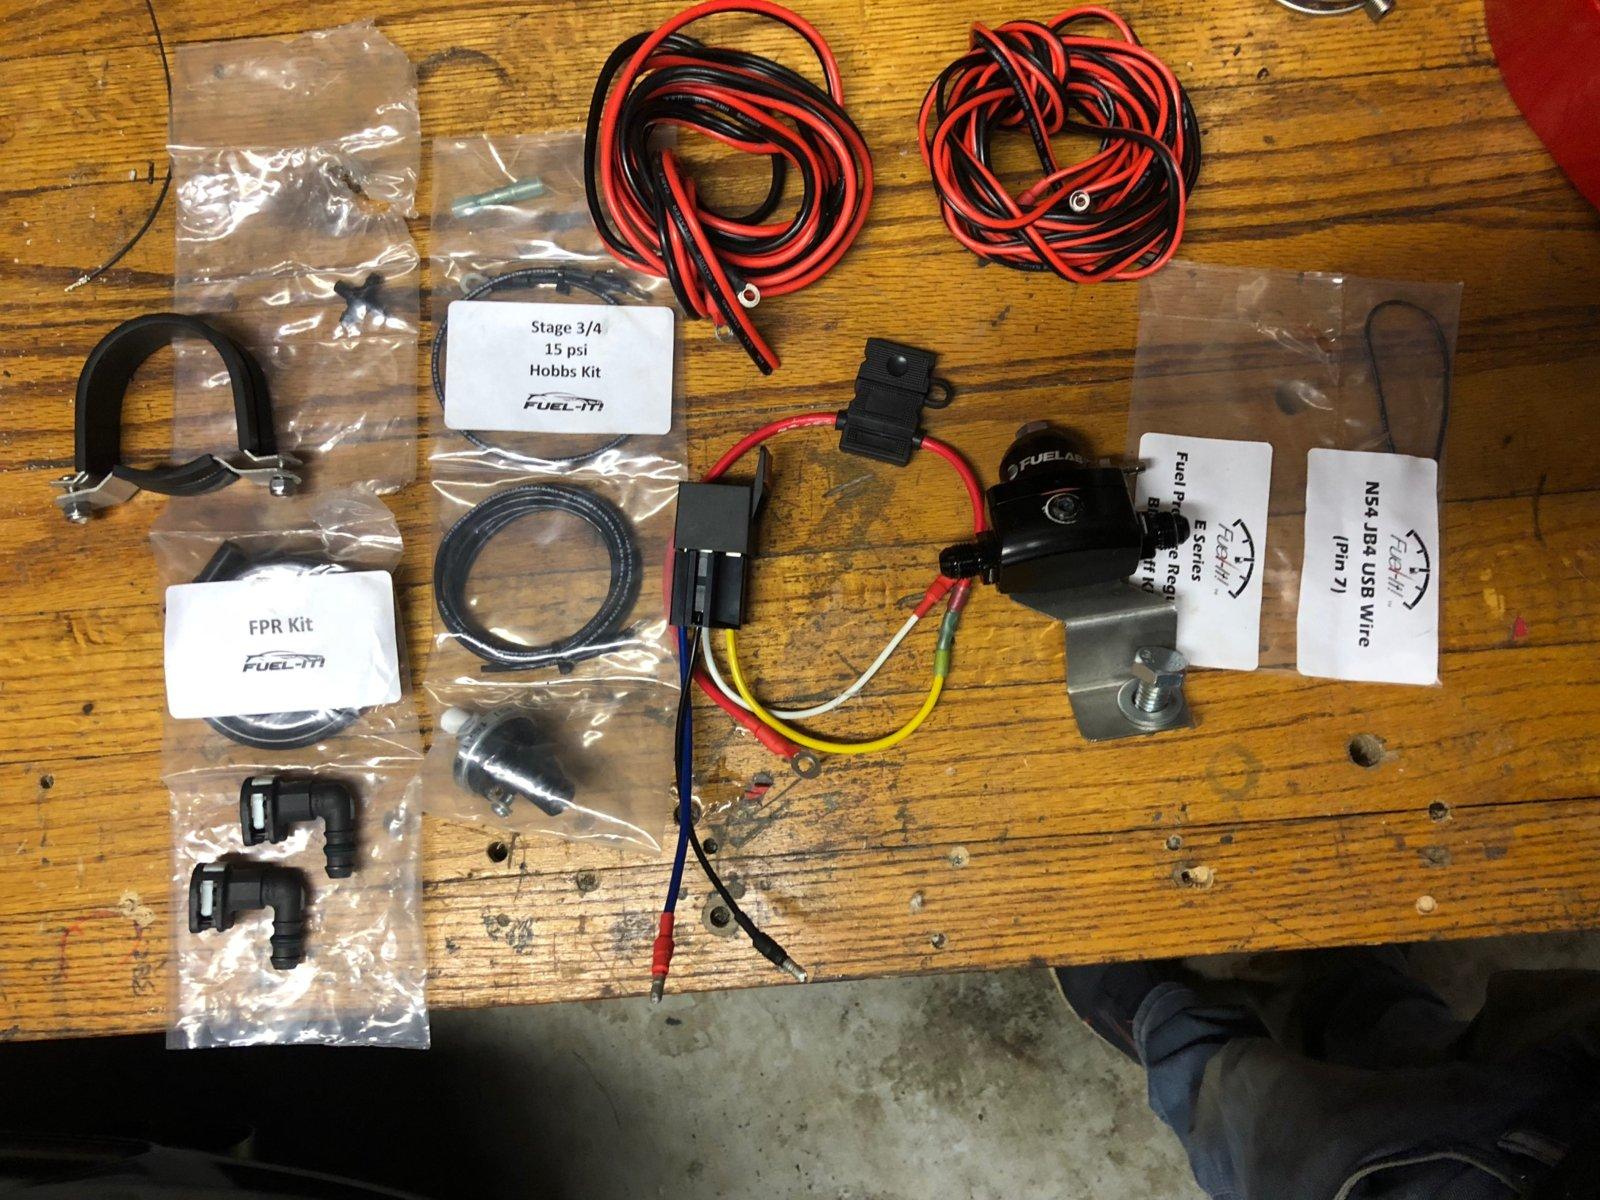 ED14B5D8-25A9-4BB4-9A02-422C107AB391.JPG